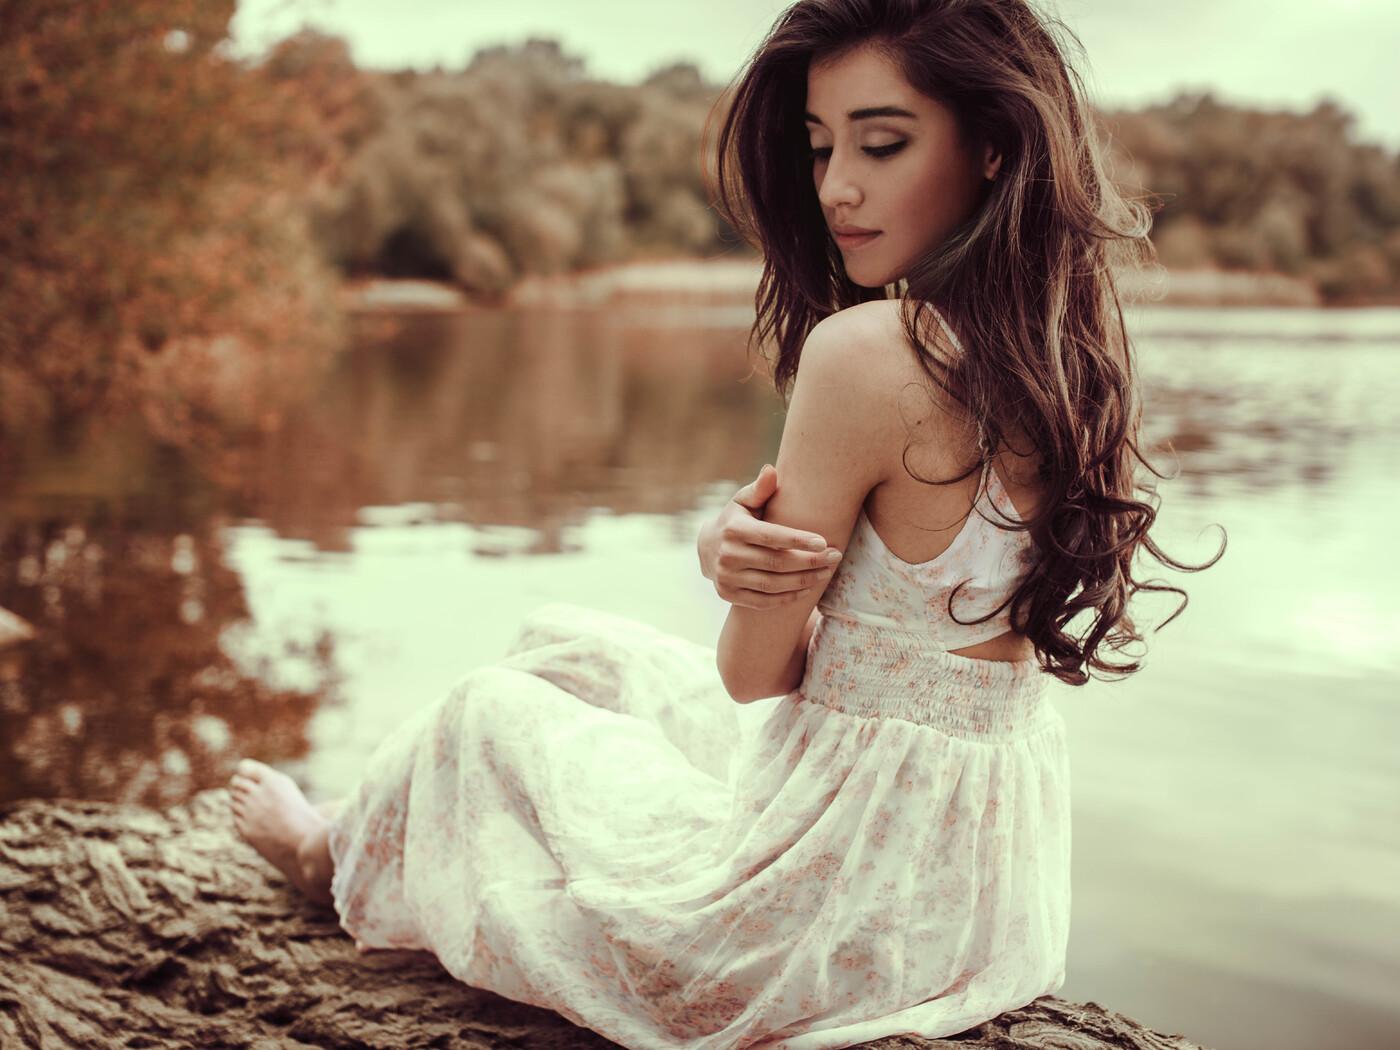 white-dress-girl-lake-side-8k-tn.jpg